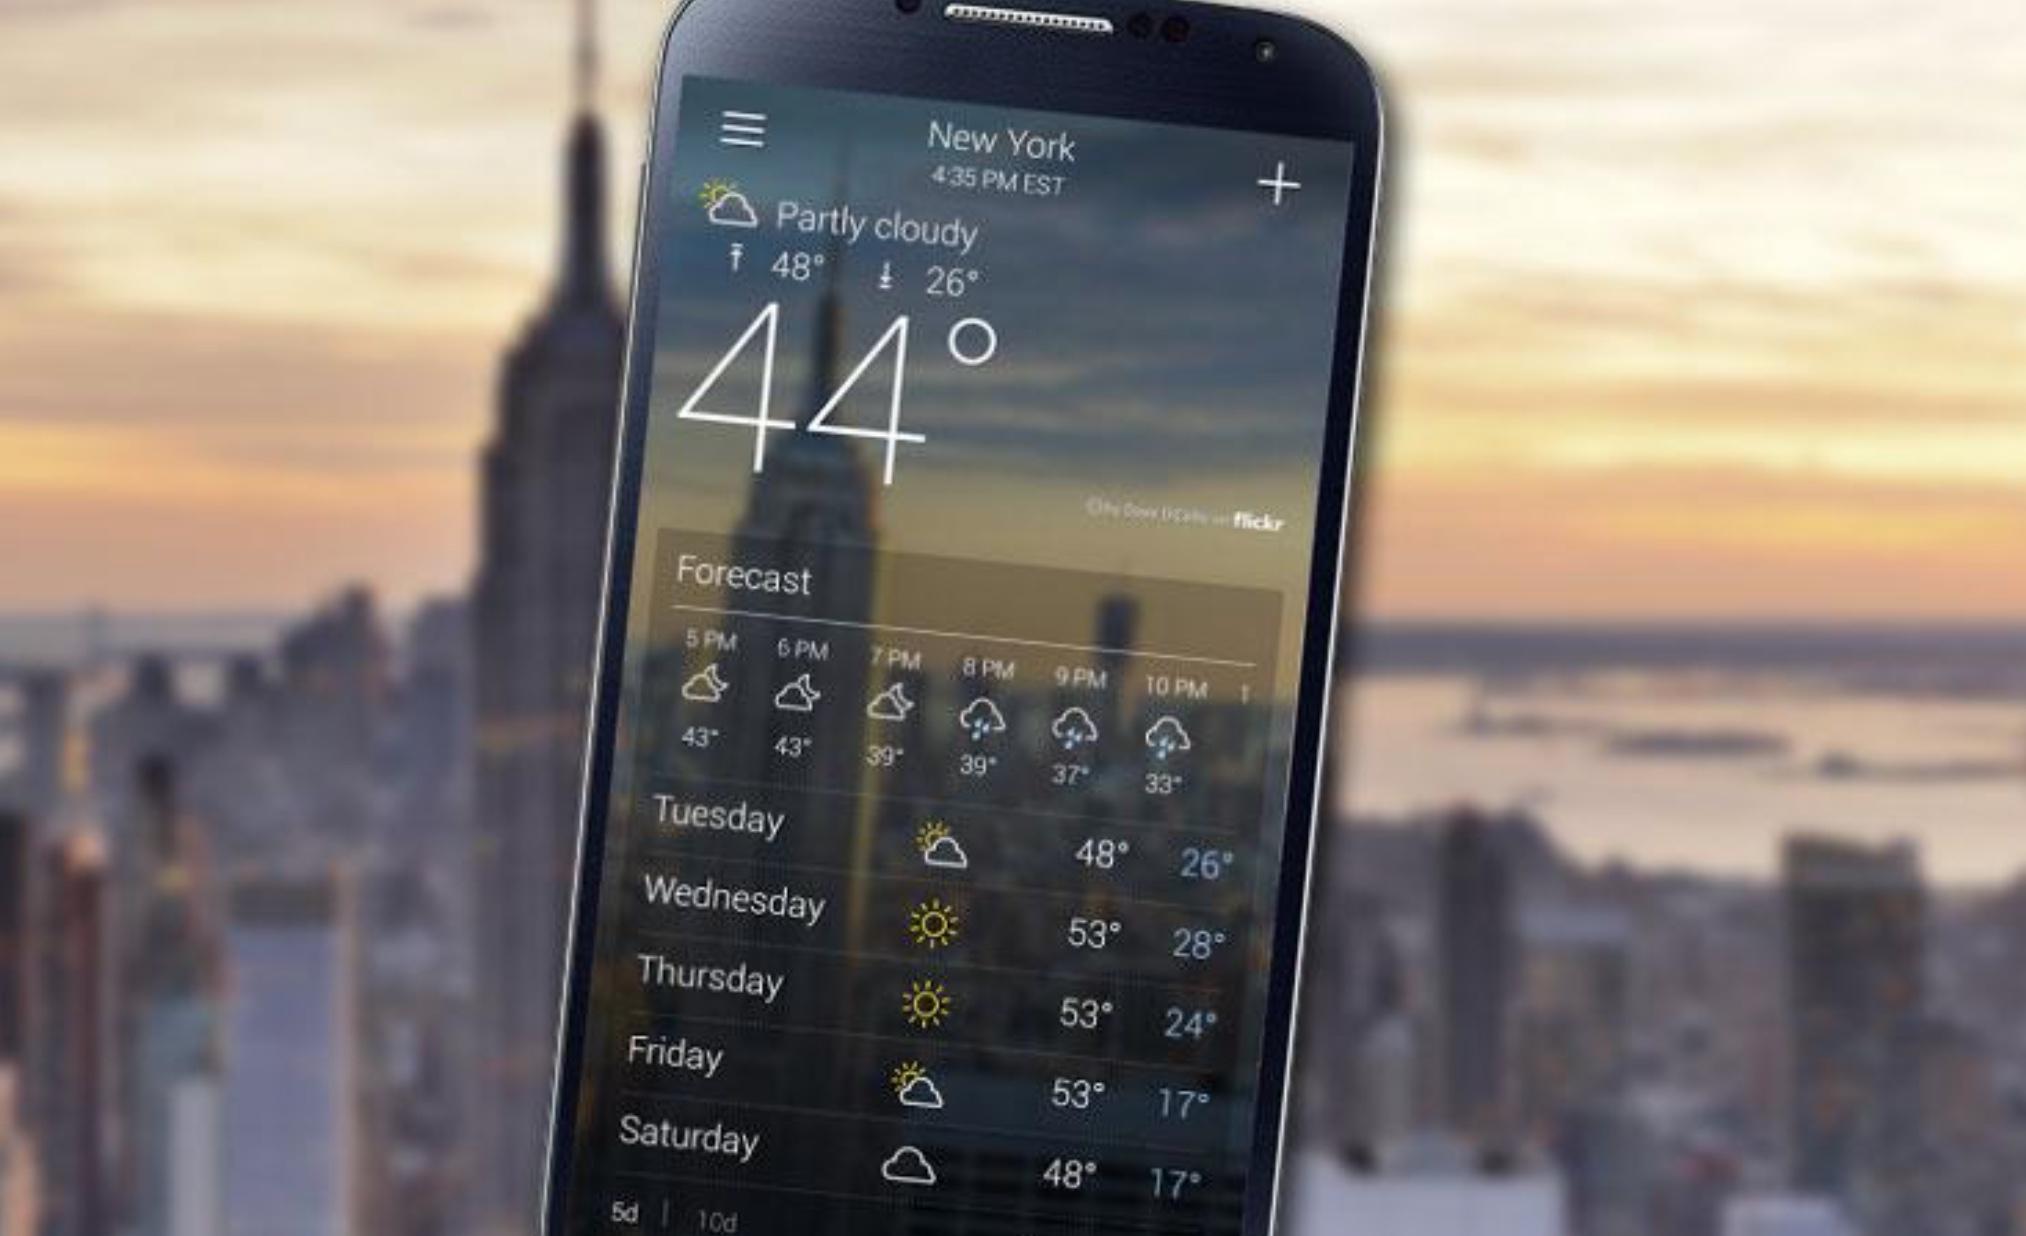 أفضل تطبيقات الطقس لتجنب التقلبات الجوية